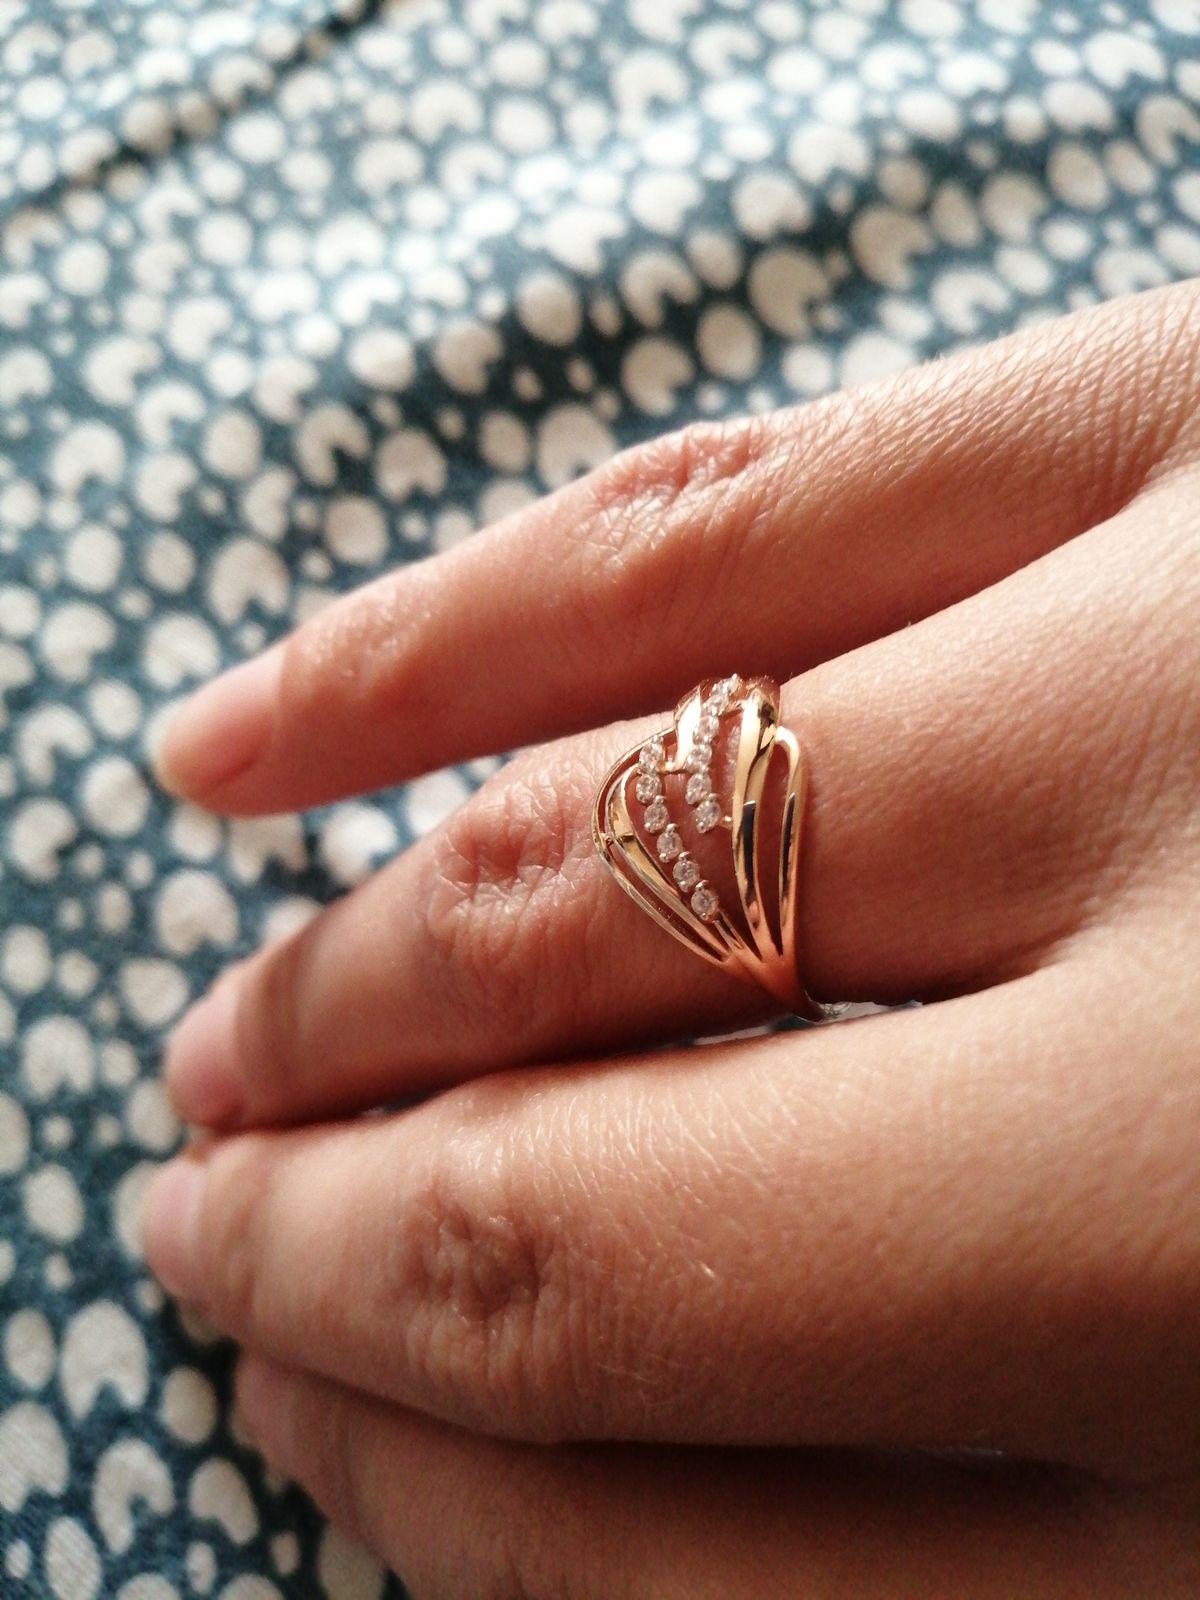 Очень красивое, аккуратно смотрится на пальце